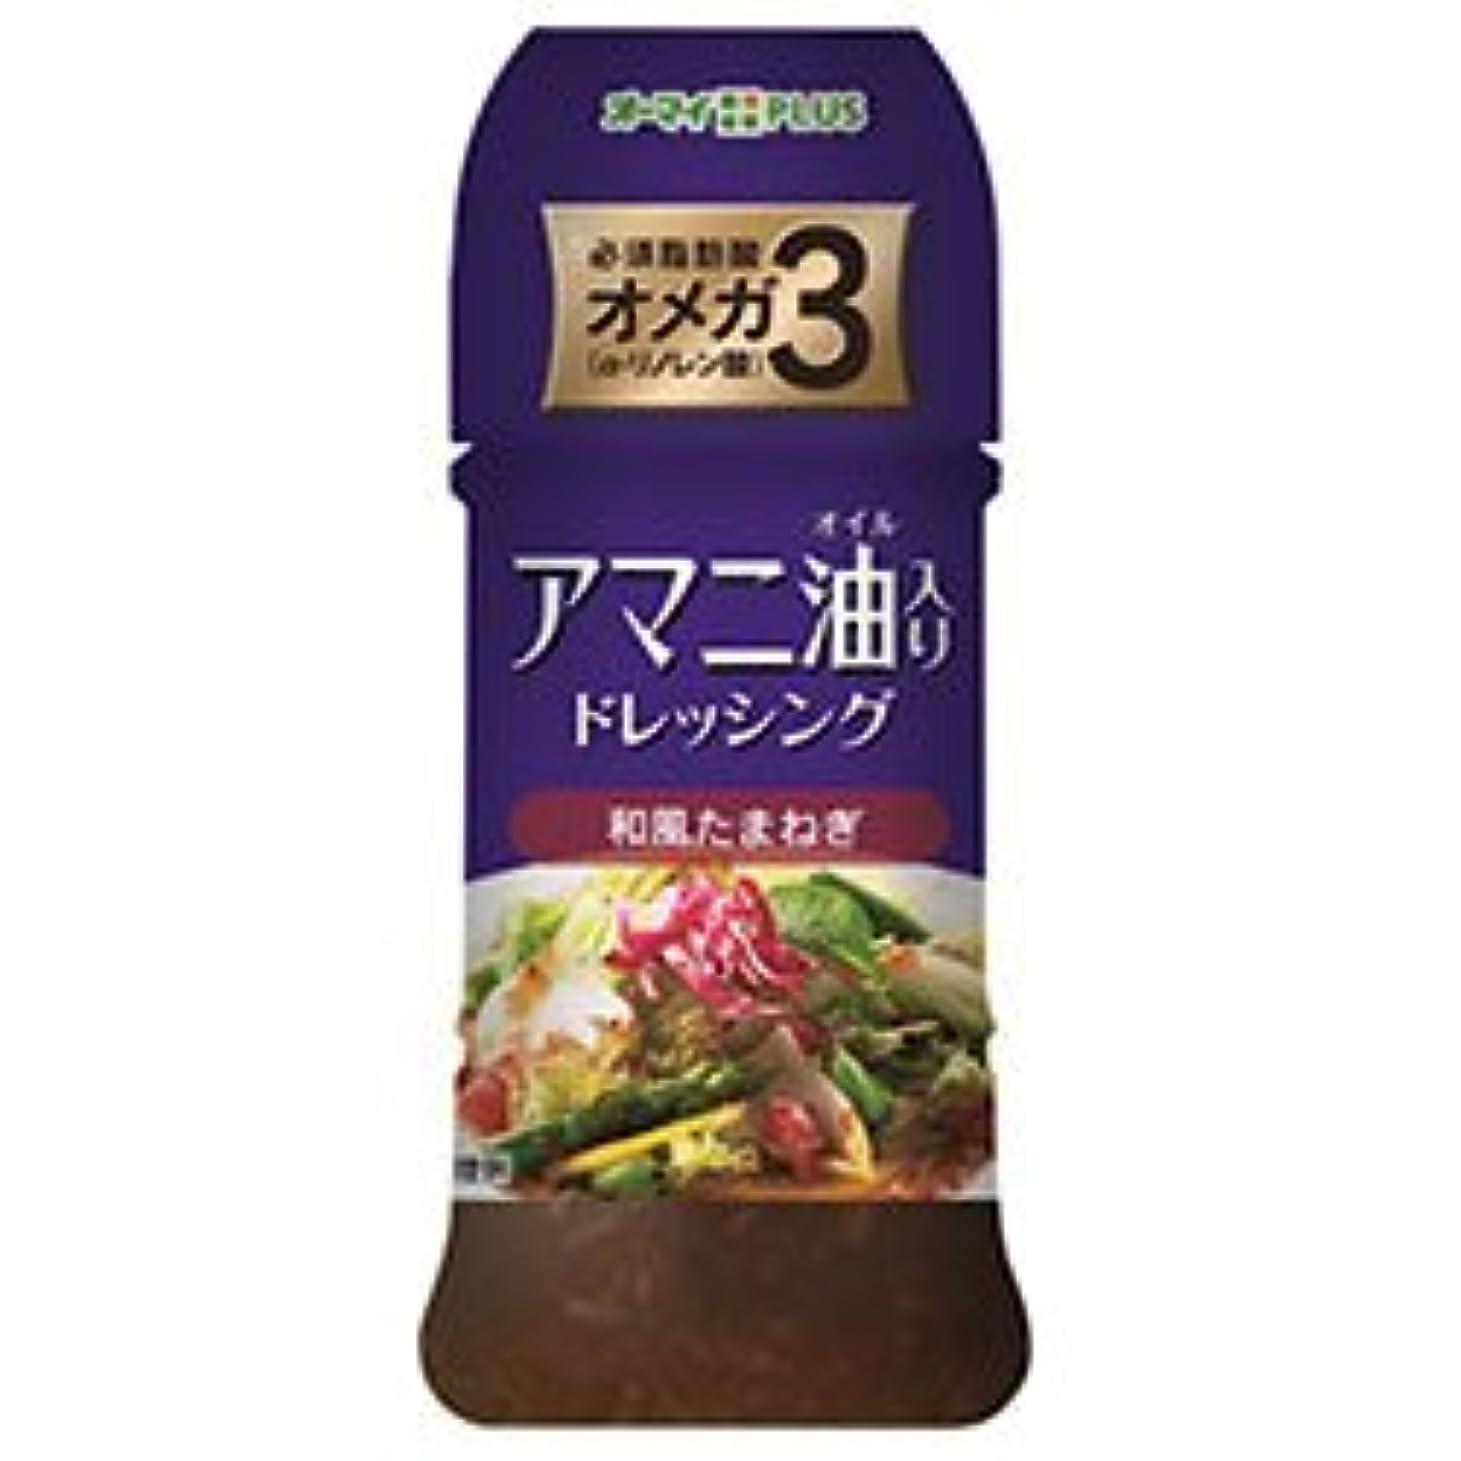 ウェイター陽気な請求可能日本製粉 オーマイプラス アマニ油入りドレッシング 和風たまねぎ 150ml×12本入×(2ケース)